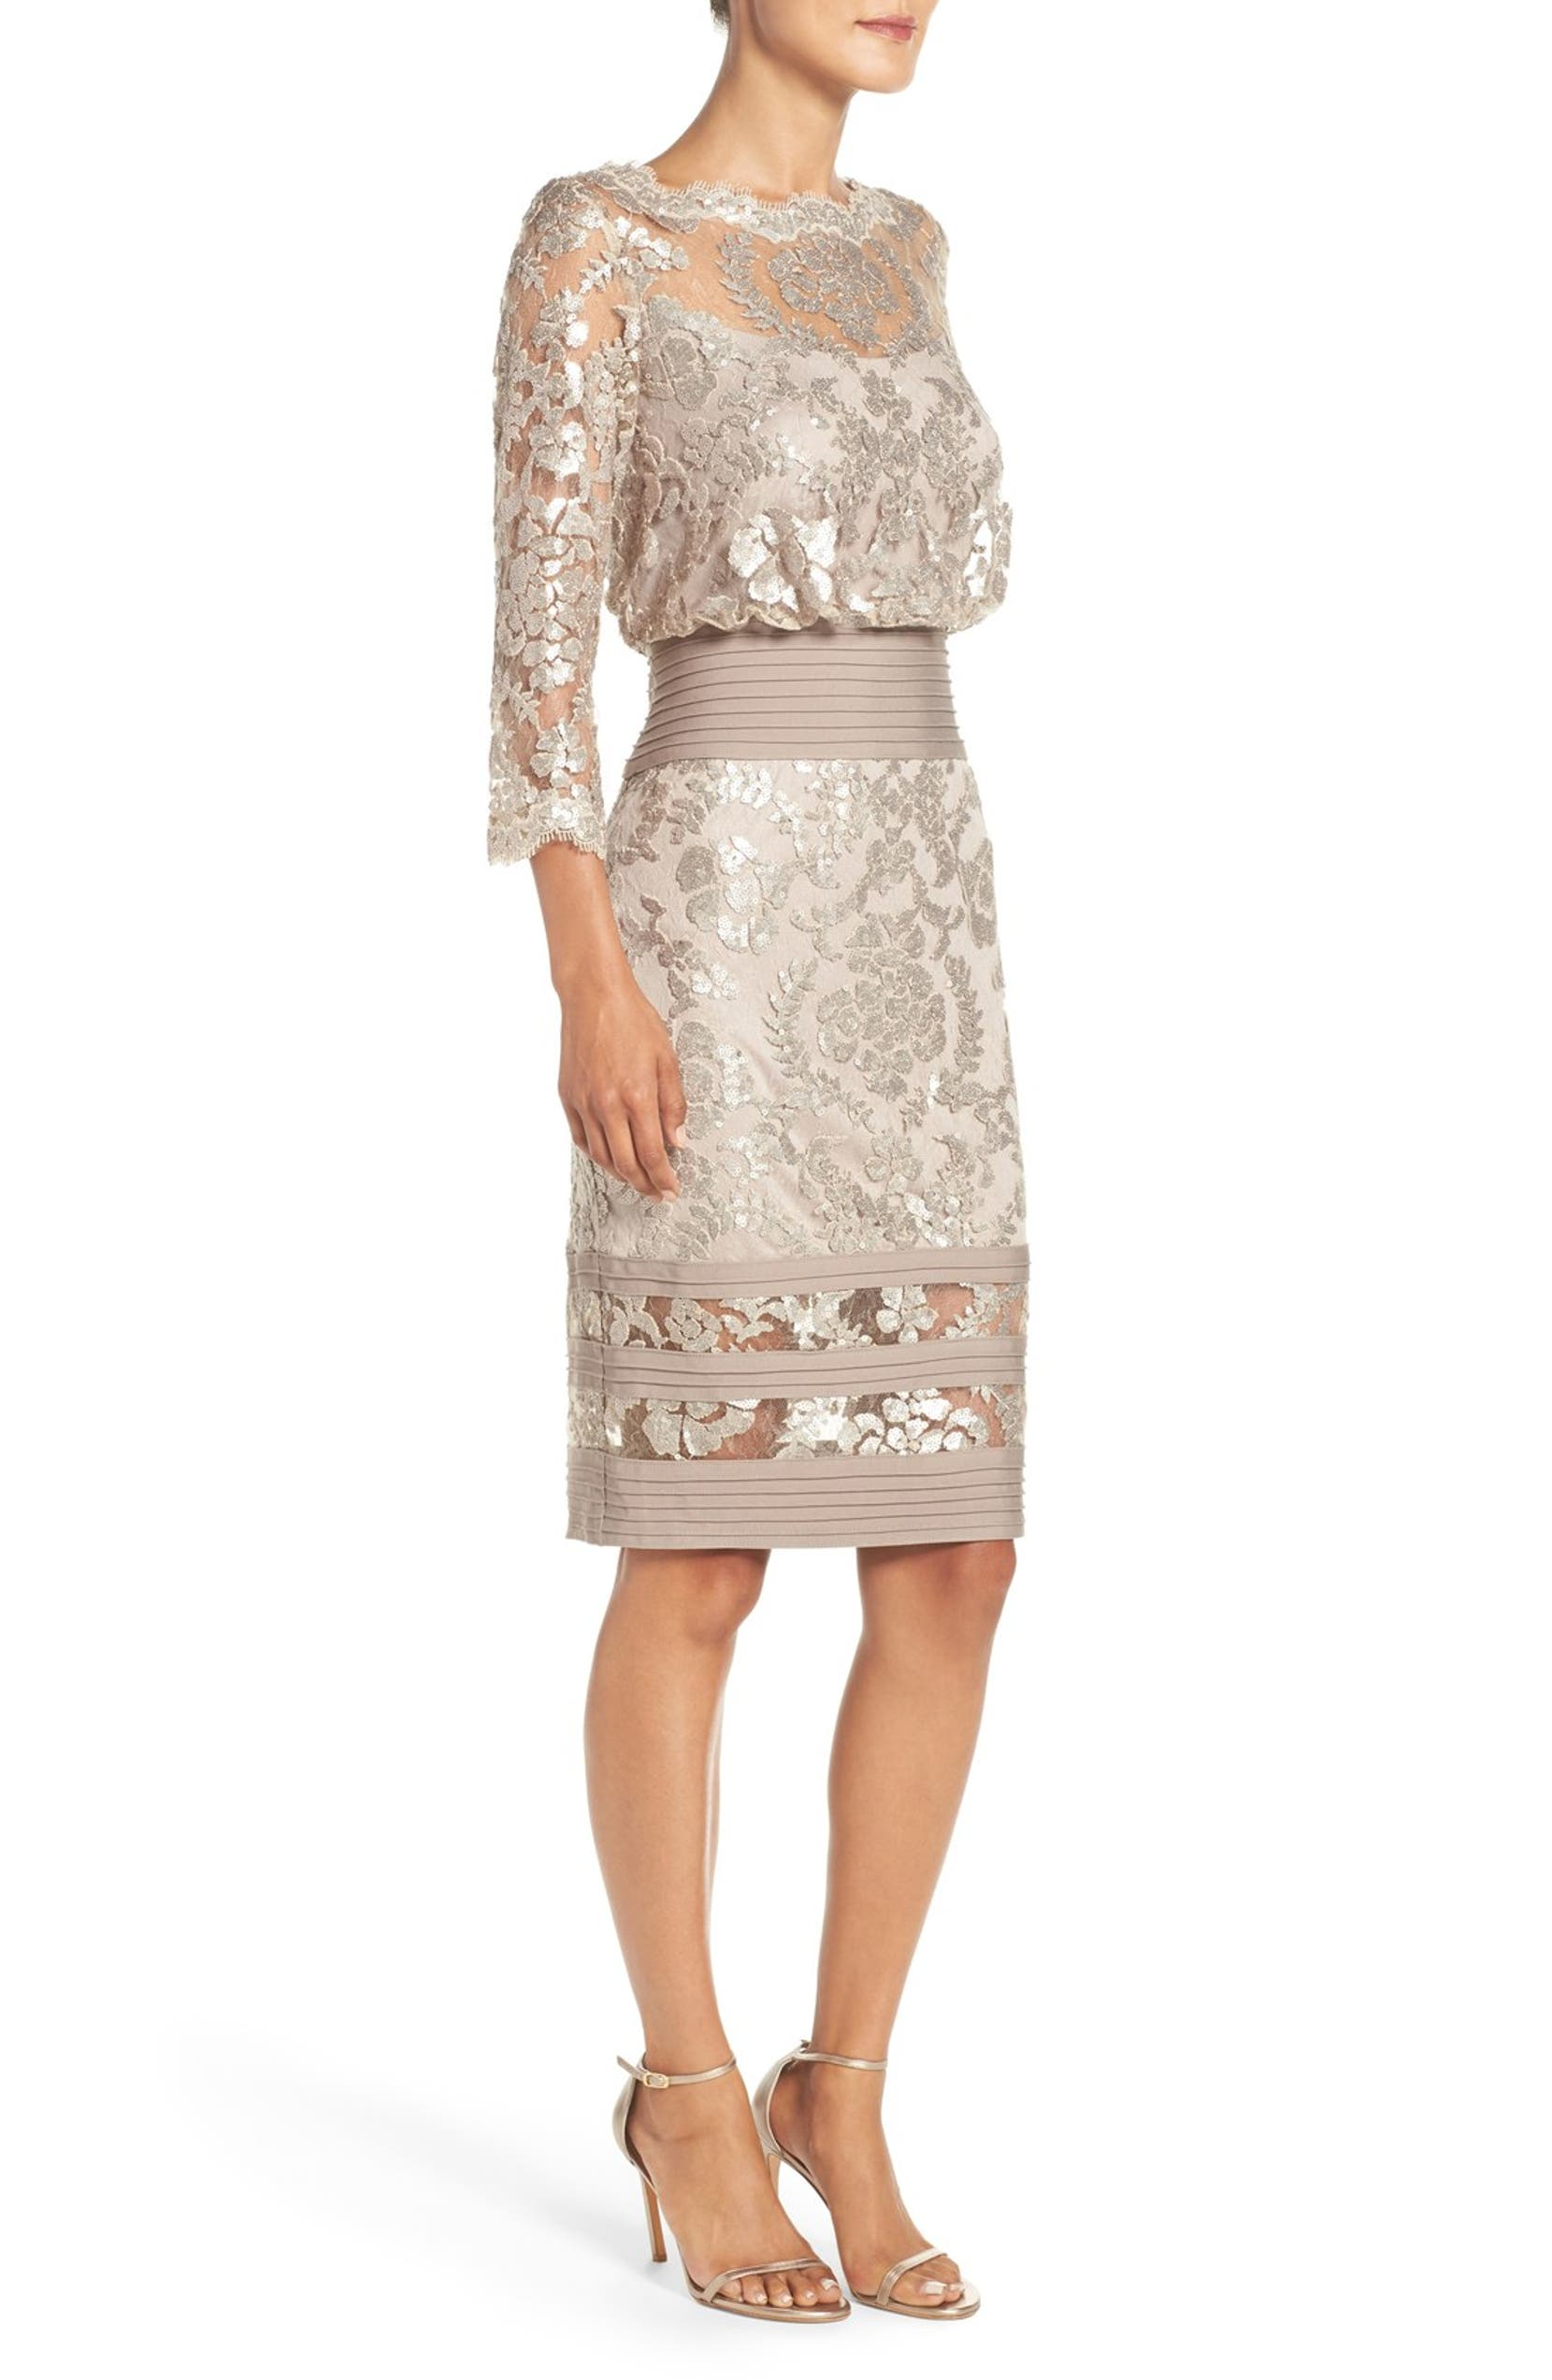 Sequin Lace Blouson Dress